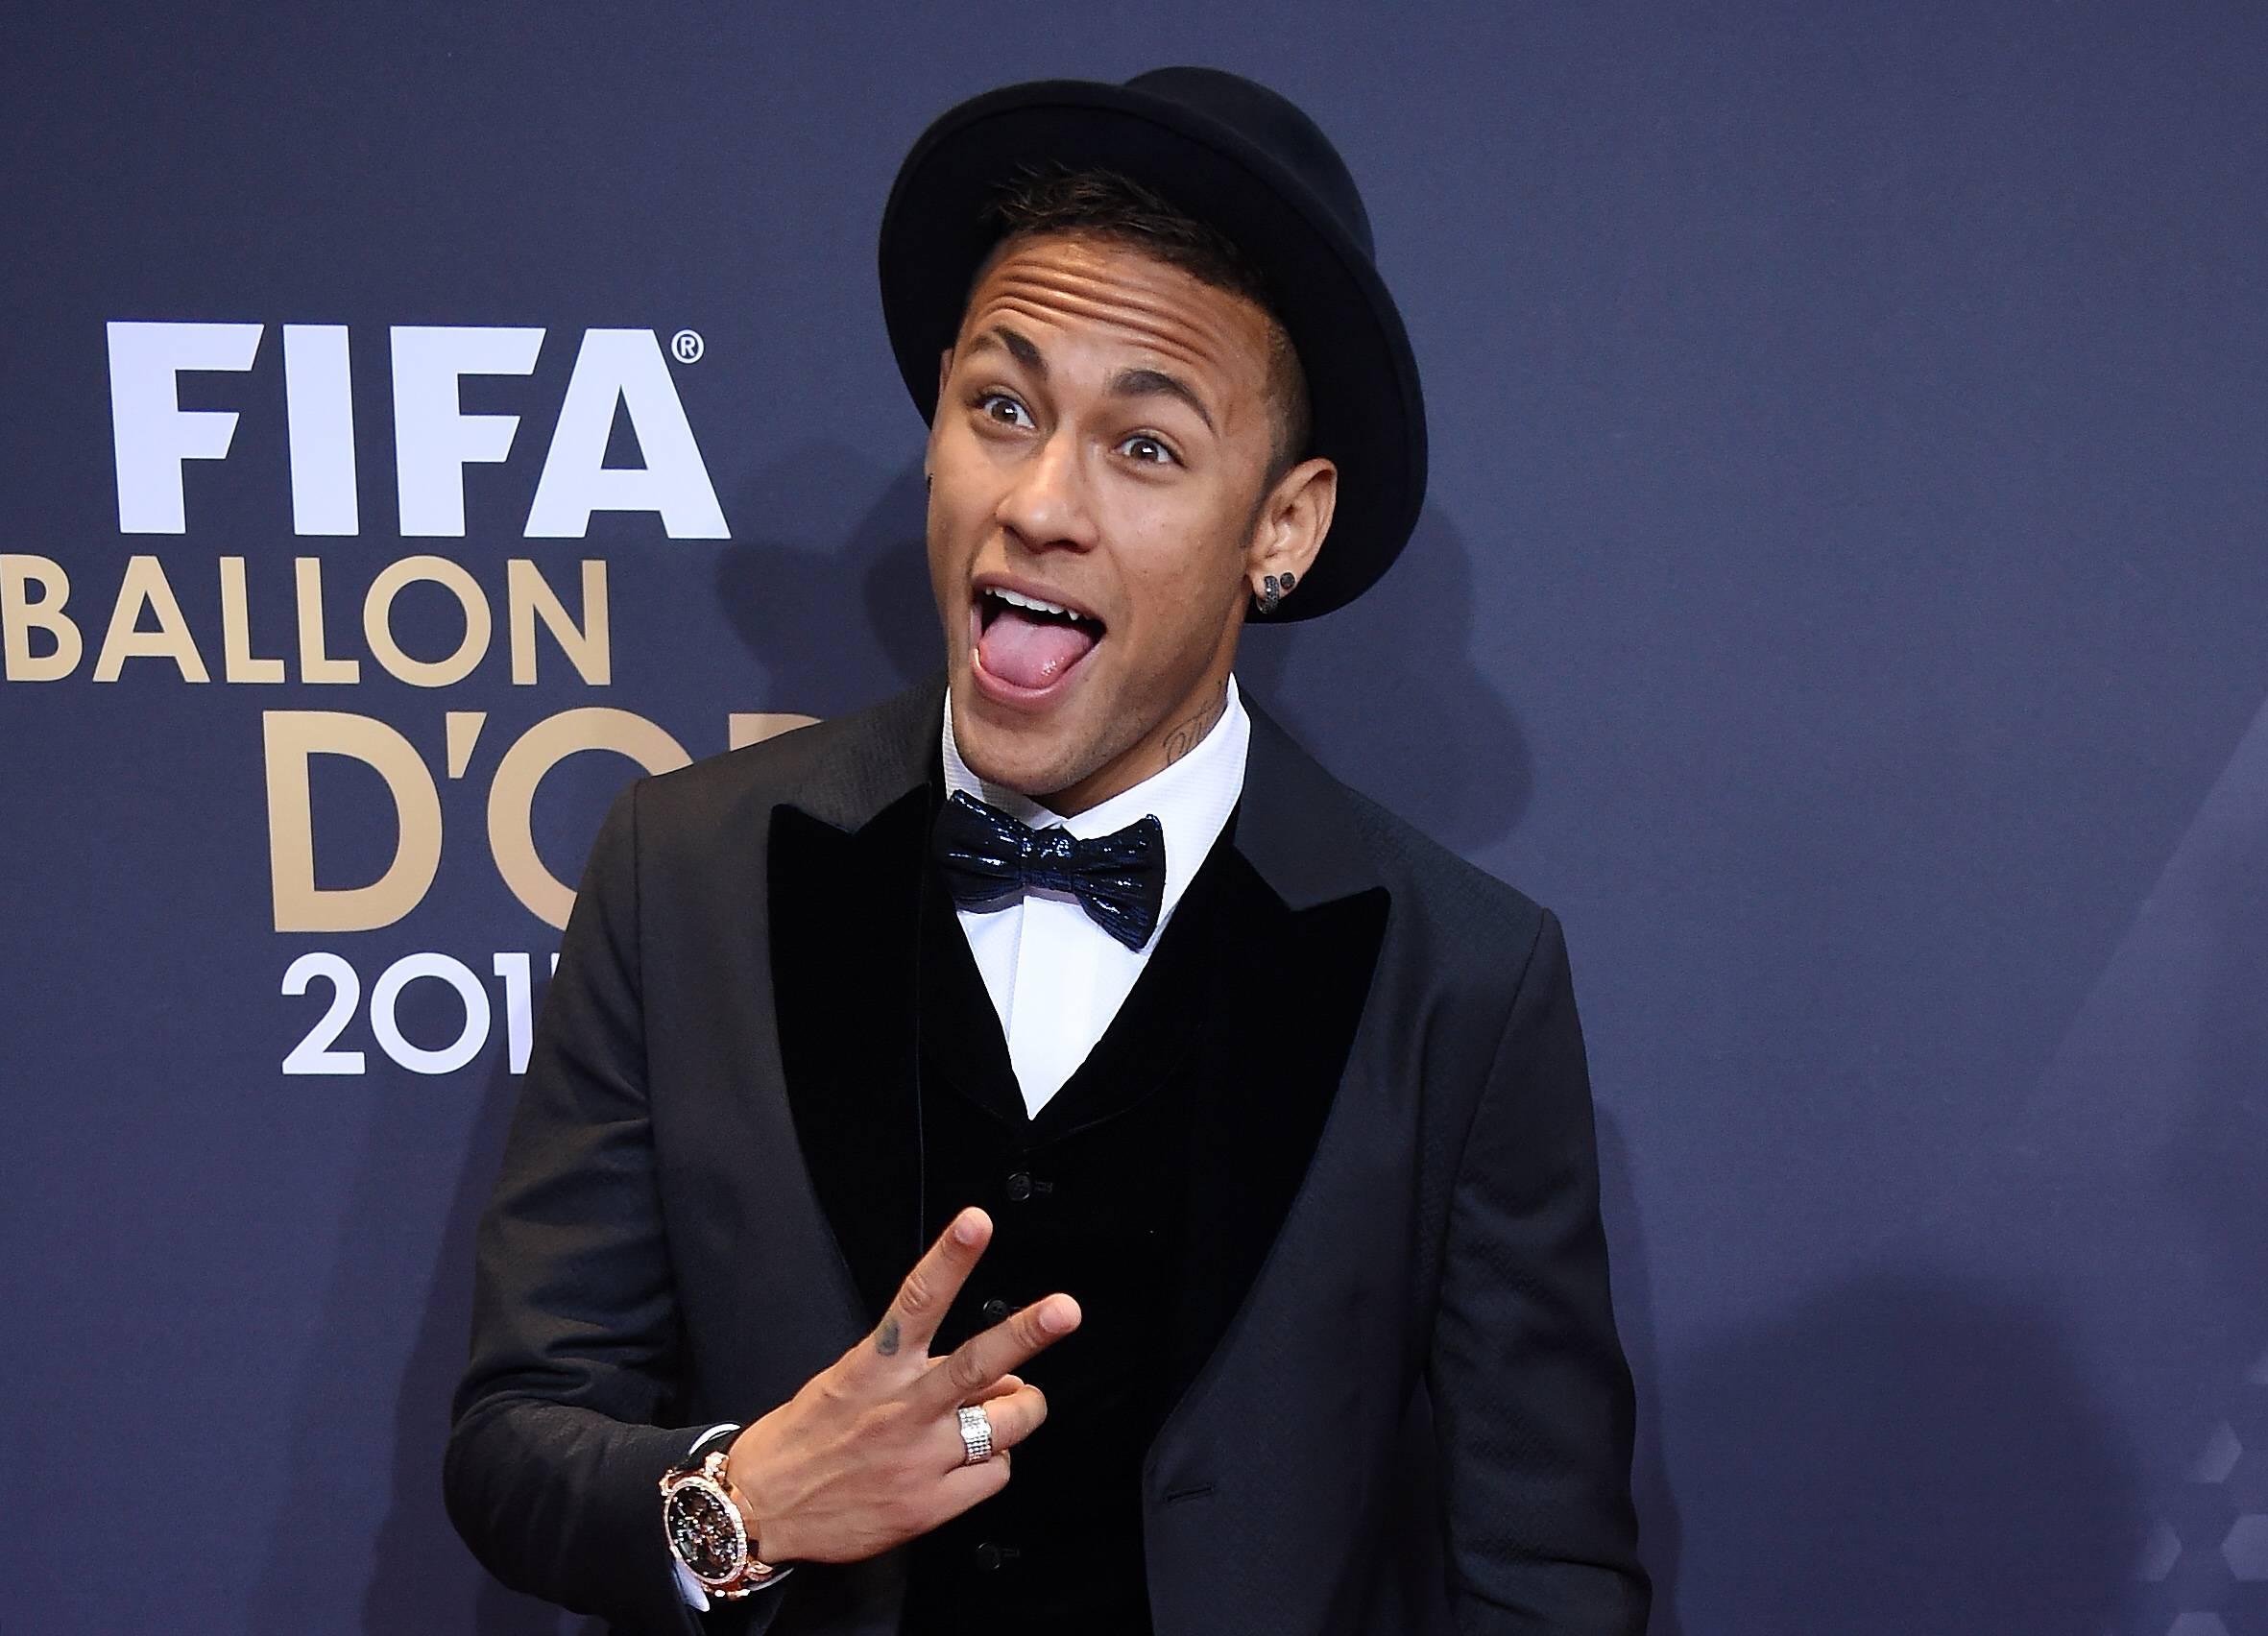 Football - Ligue 1 - Trois millions d'euros pour Neymar s'il a le Ballon d'Or